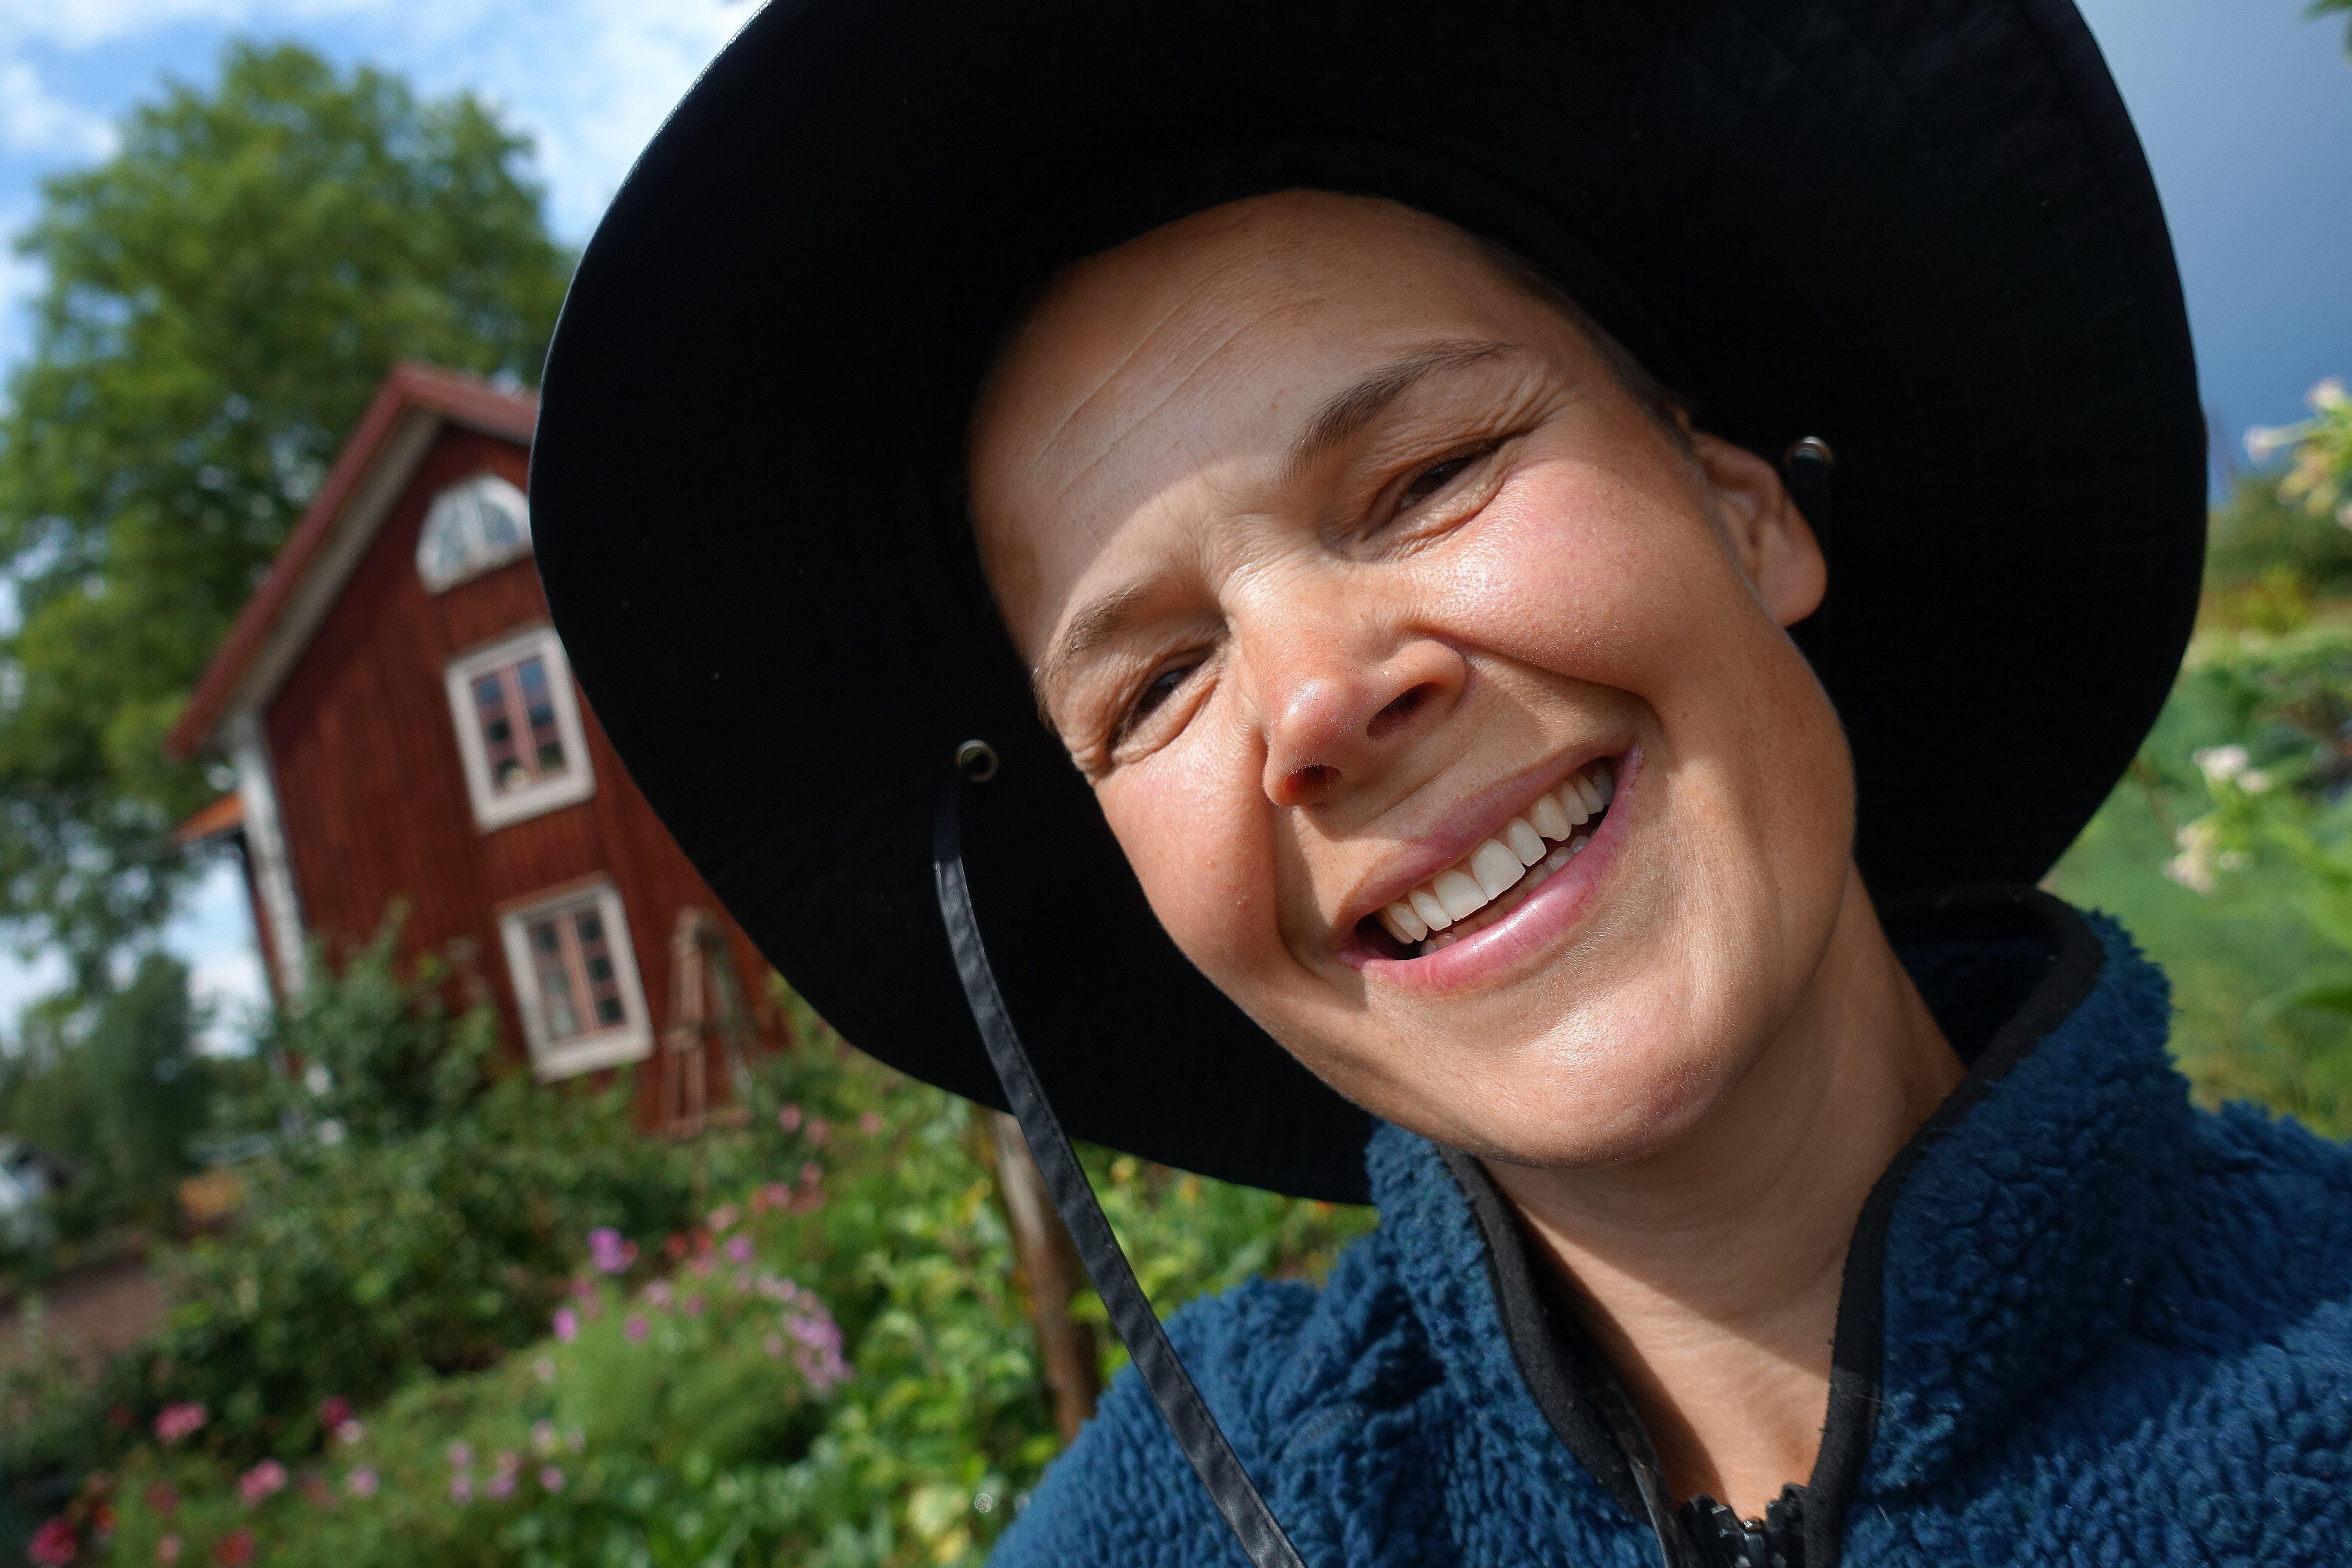 Bild på Sara med bostadshuset i bakgrunden. Sara har en svart hatt på sig. Summer sowing, Sara is wearing a black hat, house in the background.